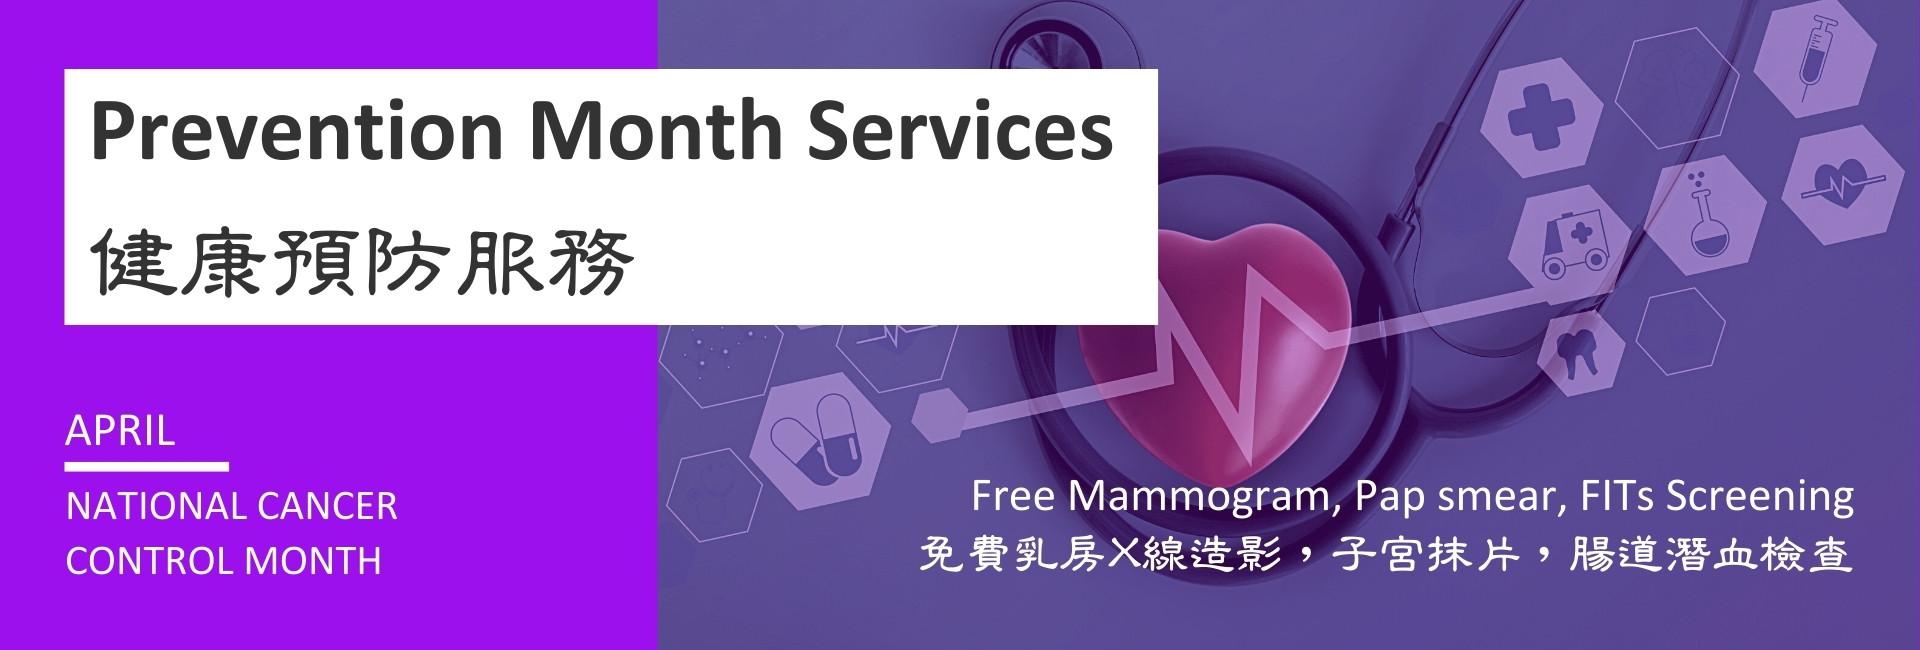 Banner_Prevention Month_April.jpg